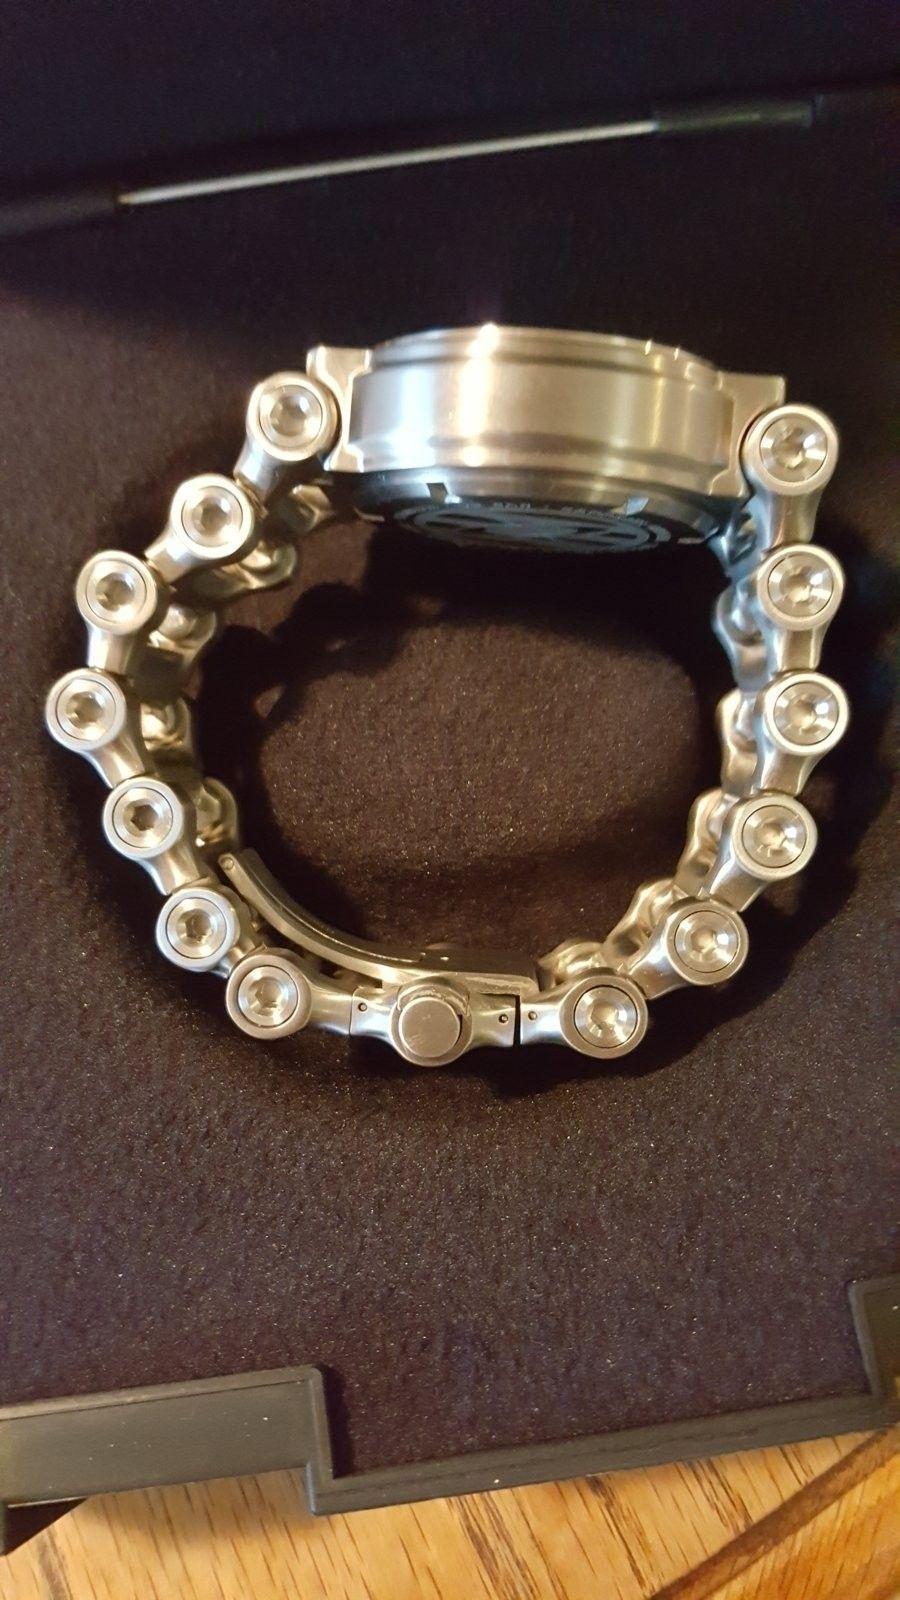 Oakley Men's 10-047 Hollow Point Orange Dial Watch $975 --> $950 - 20160504_181120.jpg